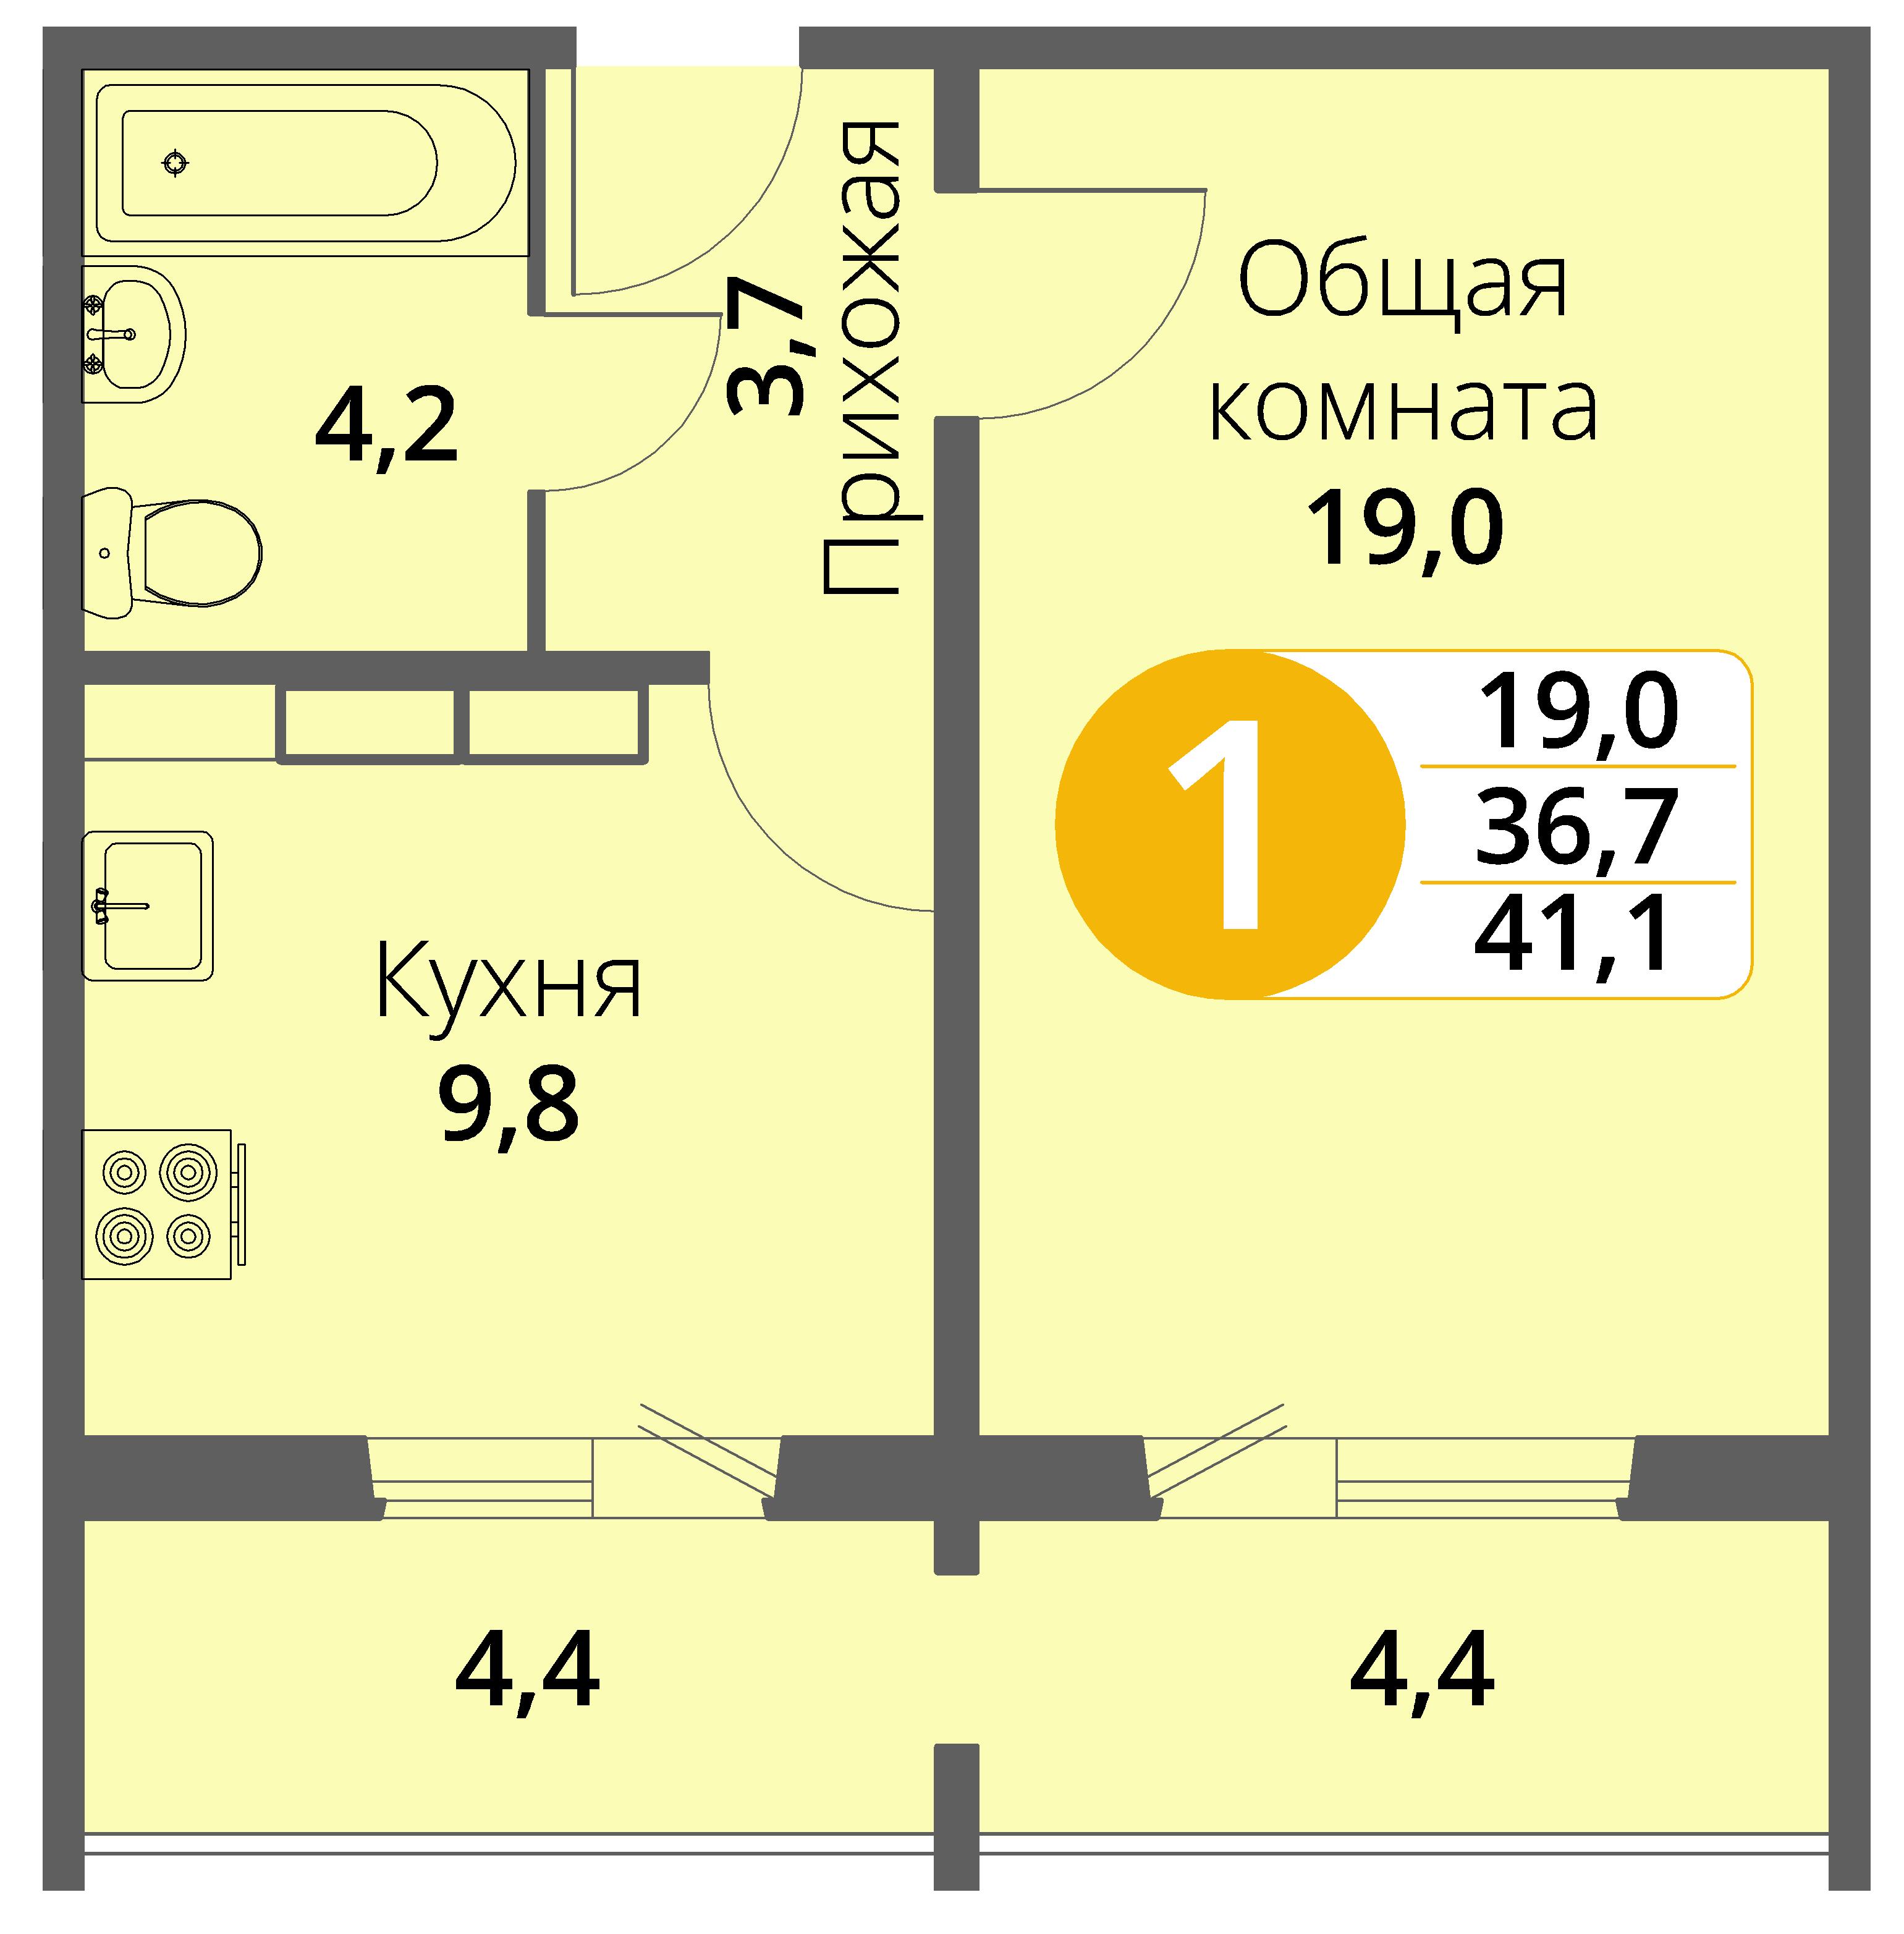 Зареченская 1-2, квартира 98 - Однокомнатная